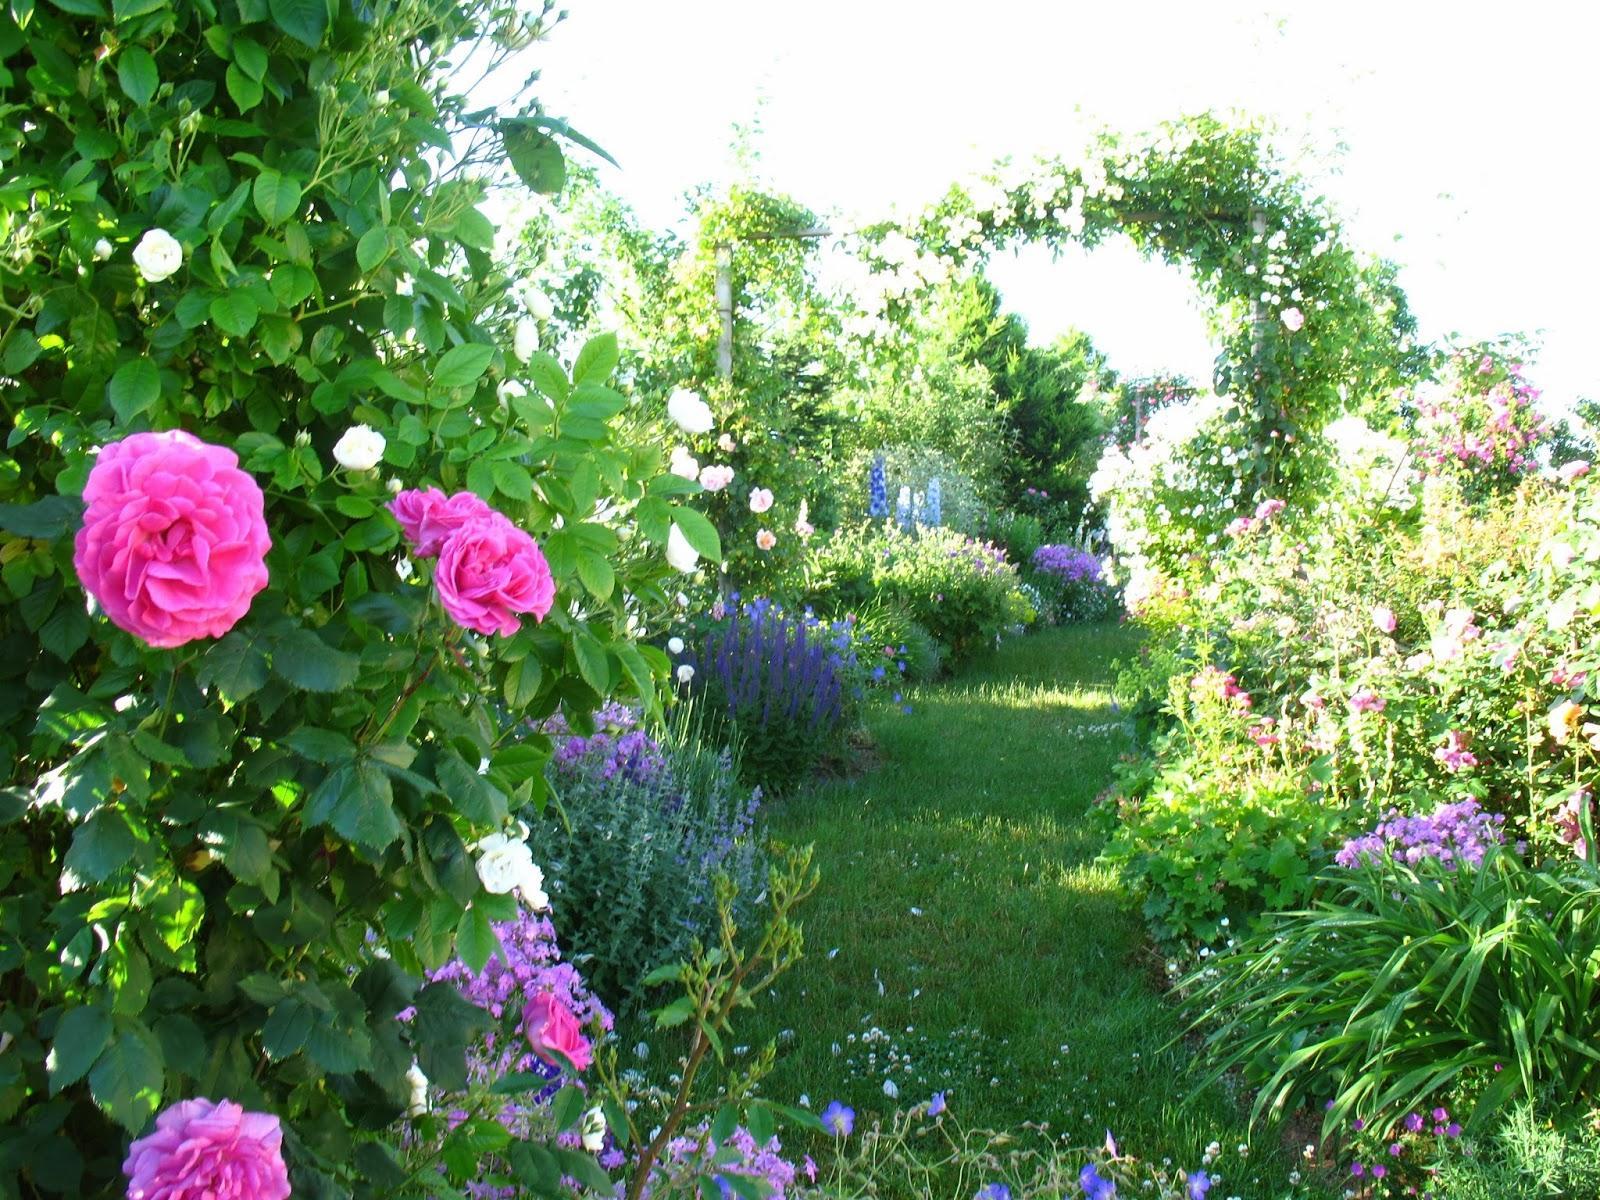 Záhrada,ktorá ťa nikdy neomrzí...divoká a krásna - Obrázok č. 104